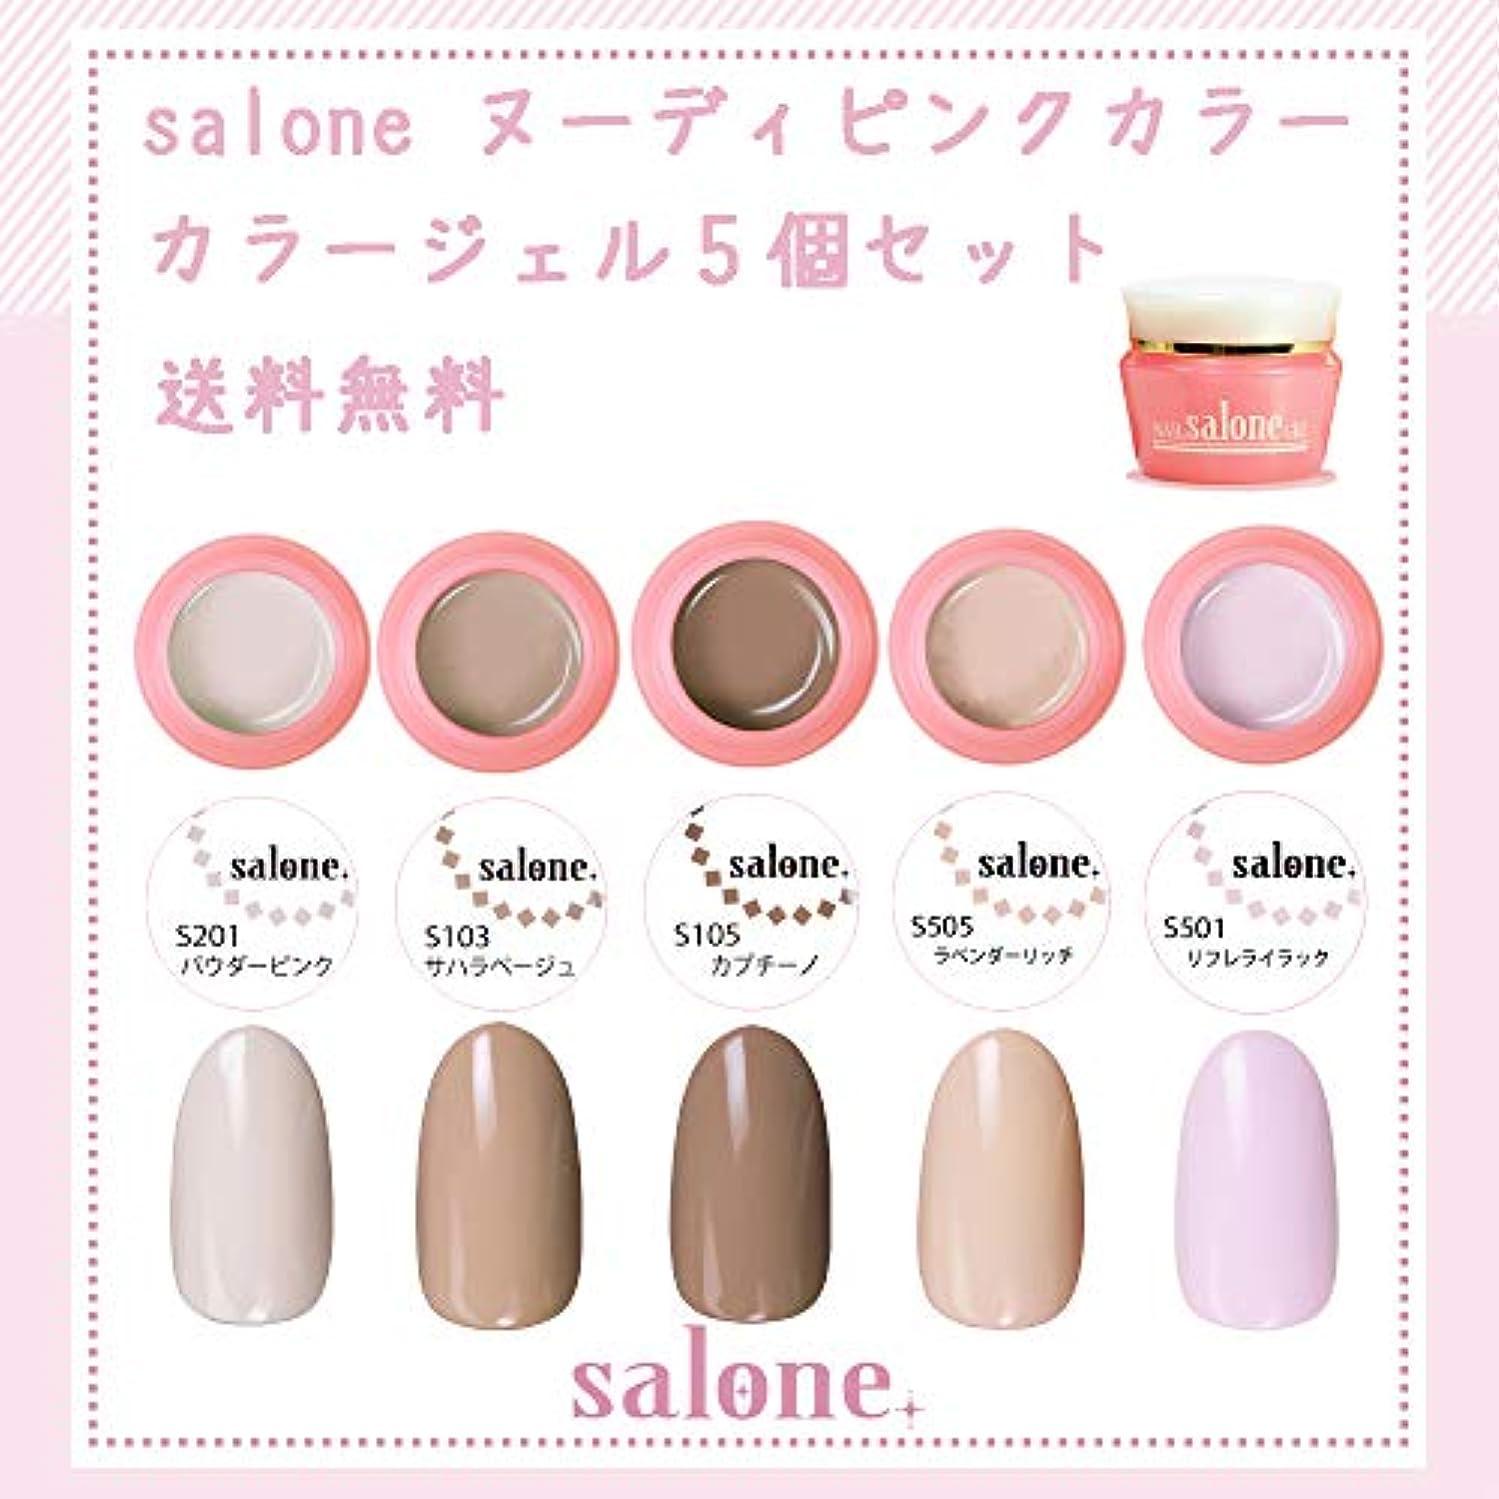 ところで質素な期間【送料無料 日本製】Salone ヌーディピンク カラージェル5個セット サロンで人気のピンクベースの肌馴染みの良い上品なヌーディカラー